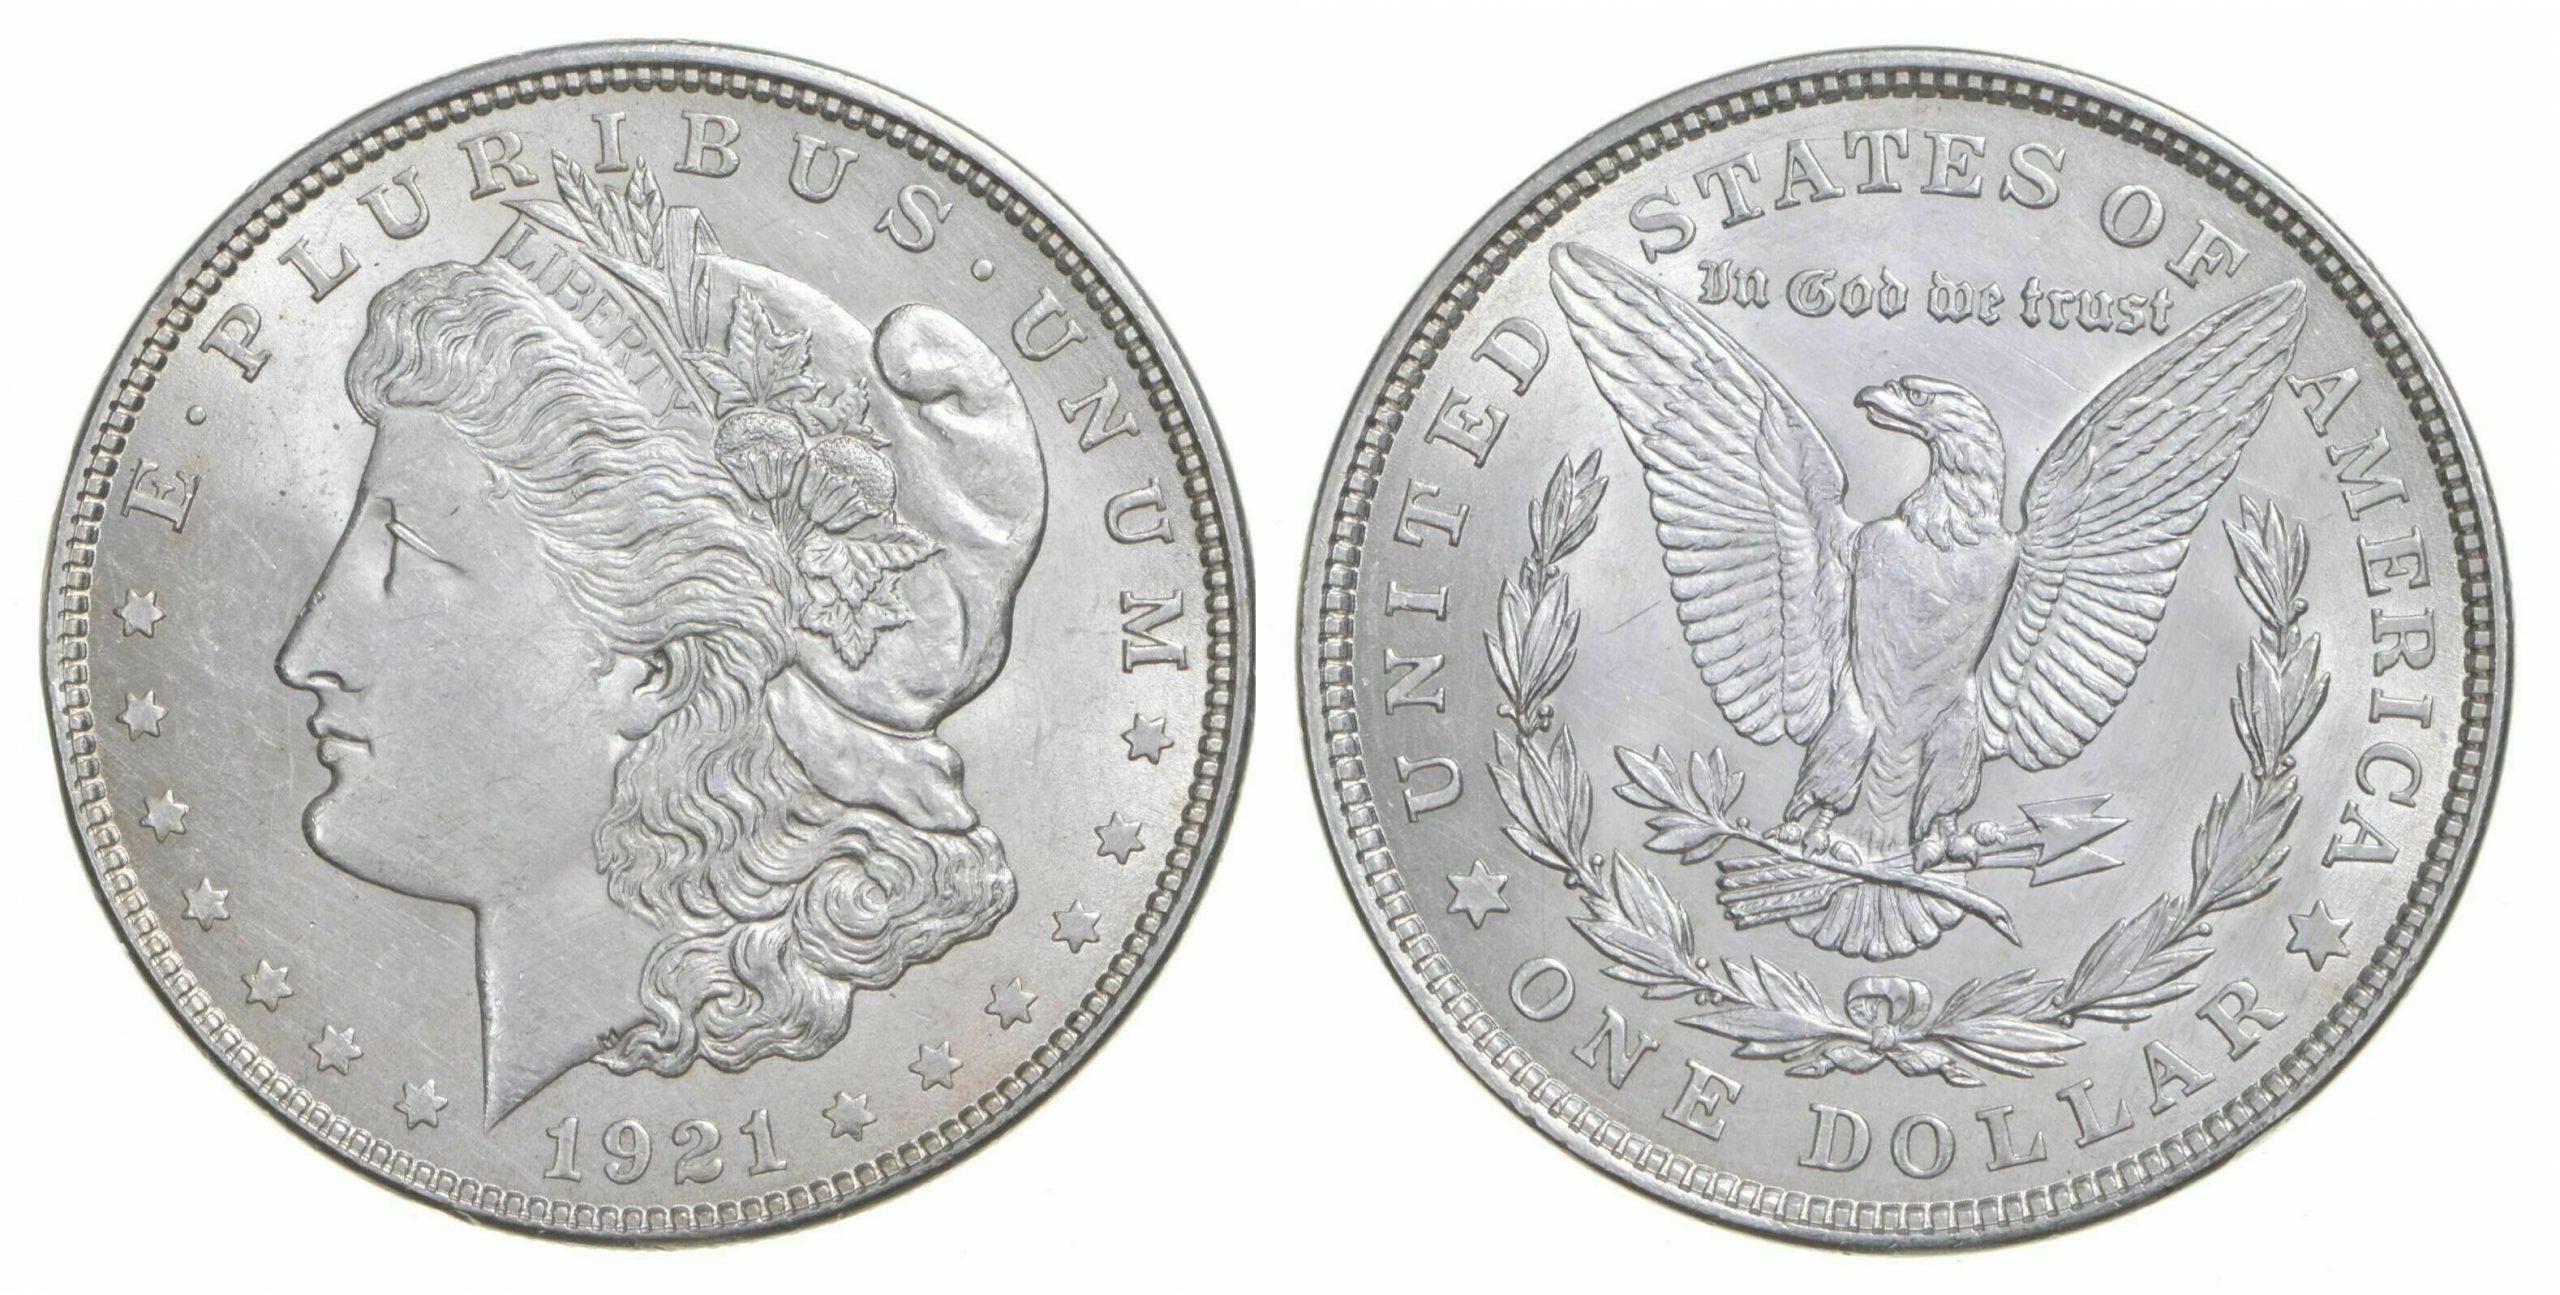 1921_Morgan_Silver_Dollars_AU-300x152-1 - COIN SHOP COIN DEALER HUDSON COINS